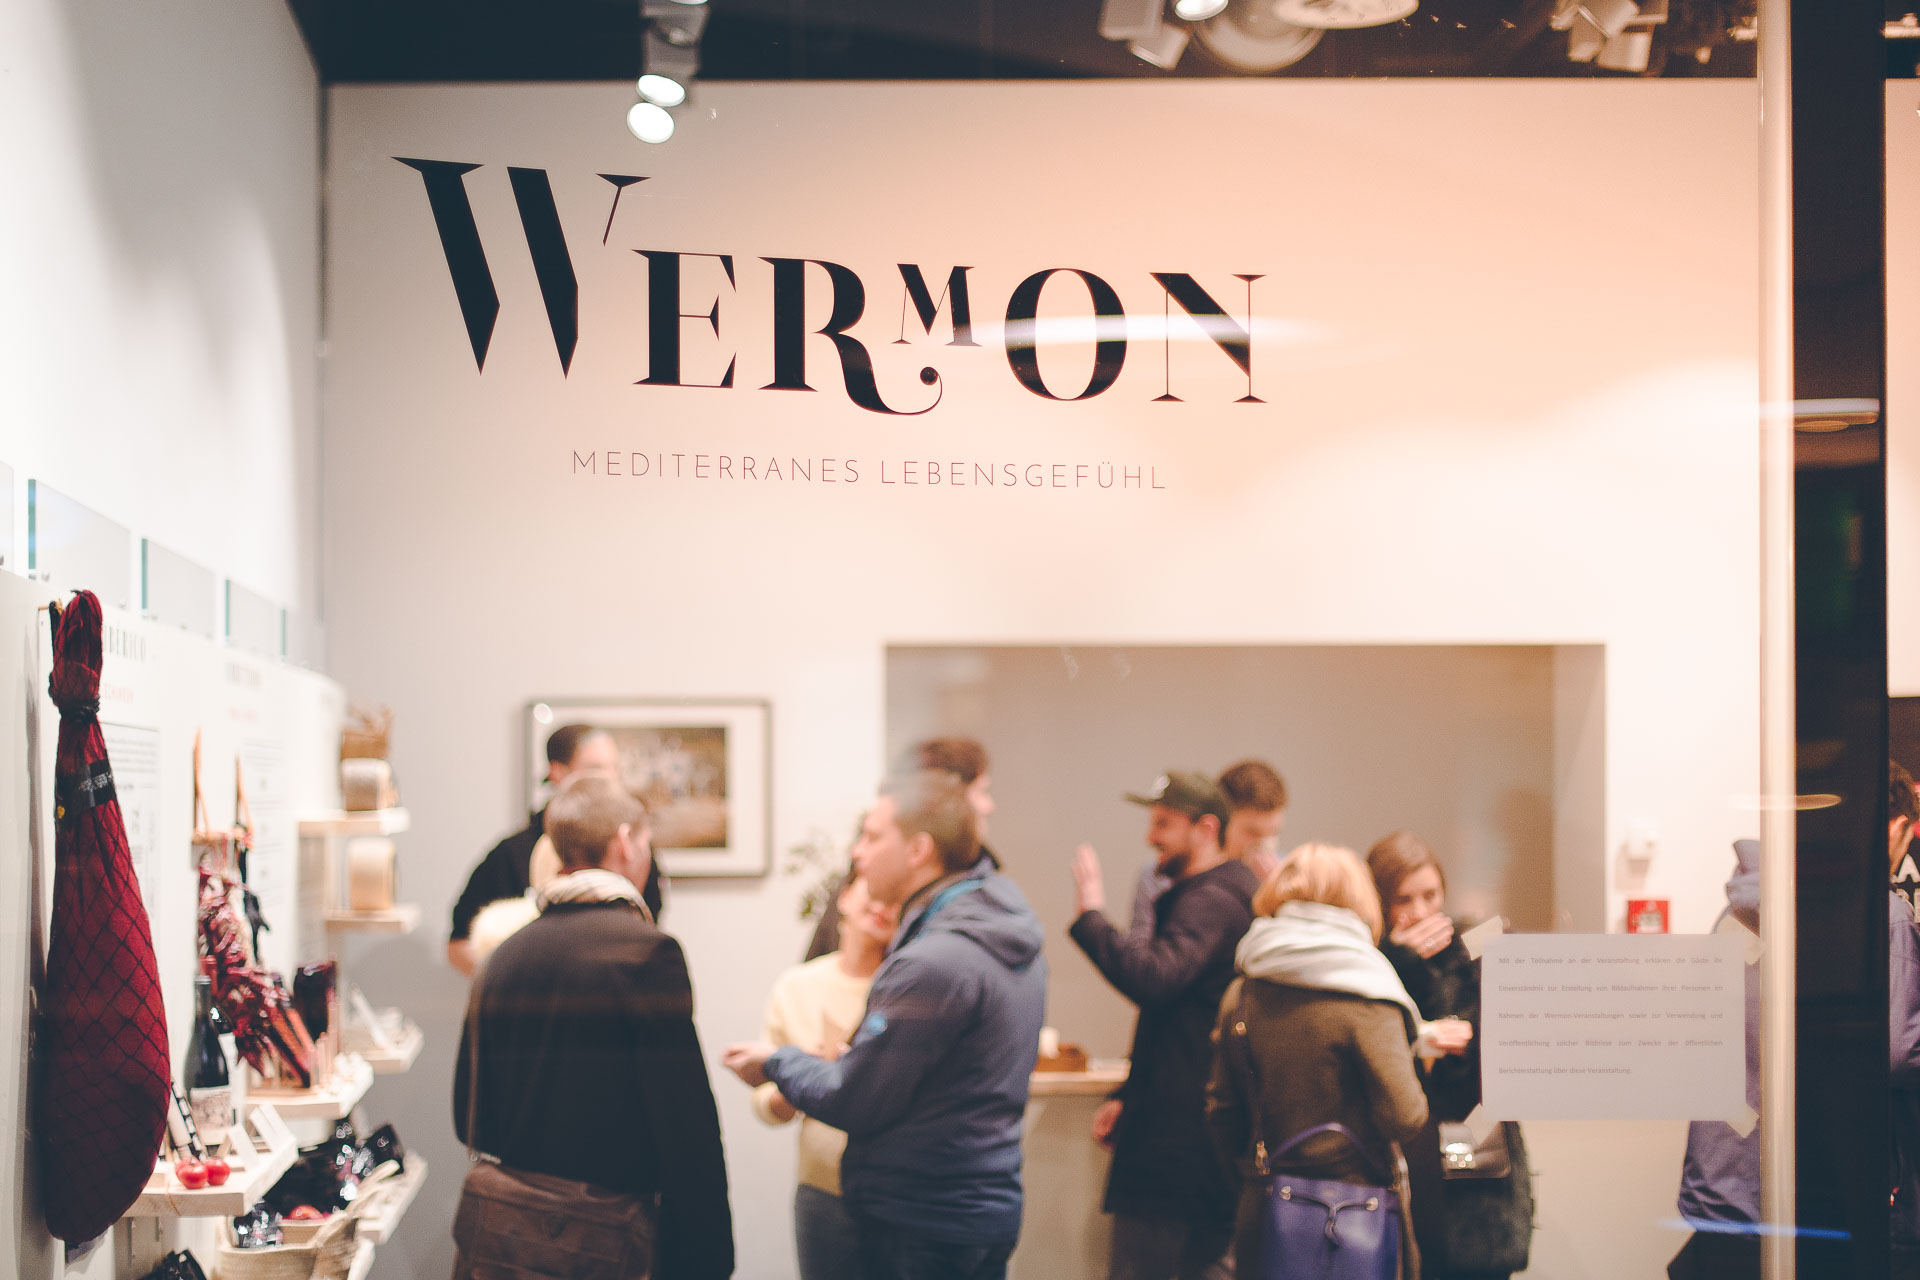 Das Wermon Logo an der Event Location auf einer Glasscheibe, dahinter verschwommen Besucher des Ladens in der Hofstatt